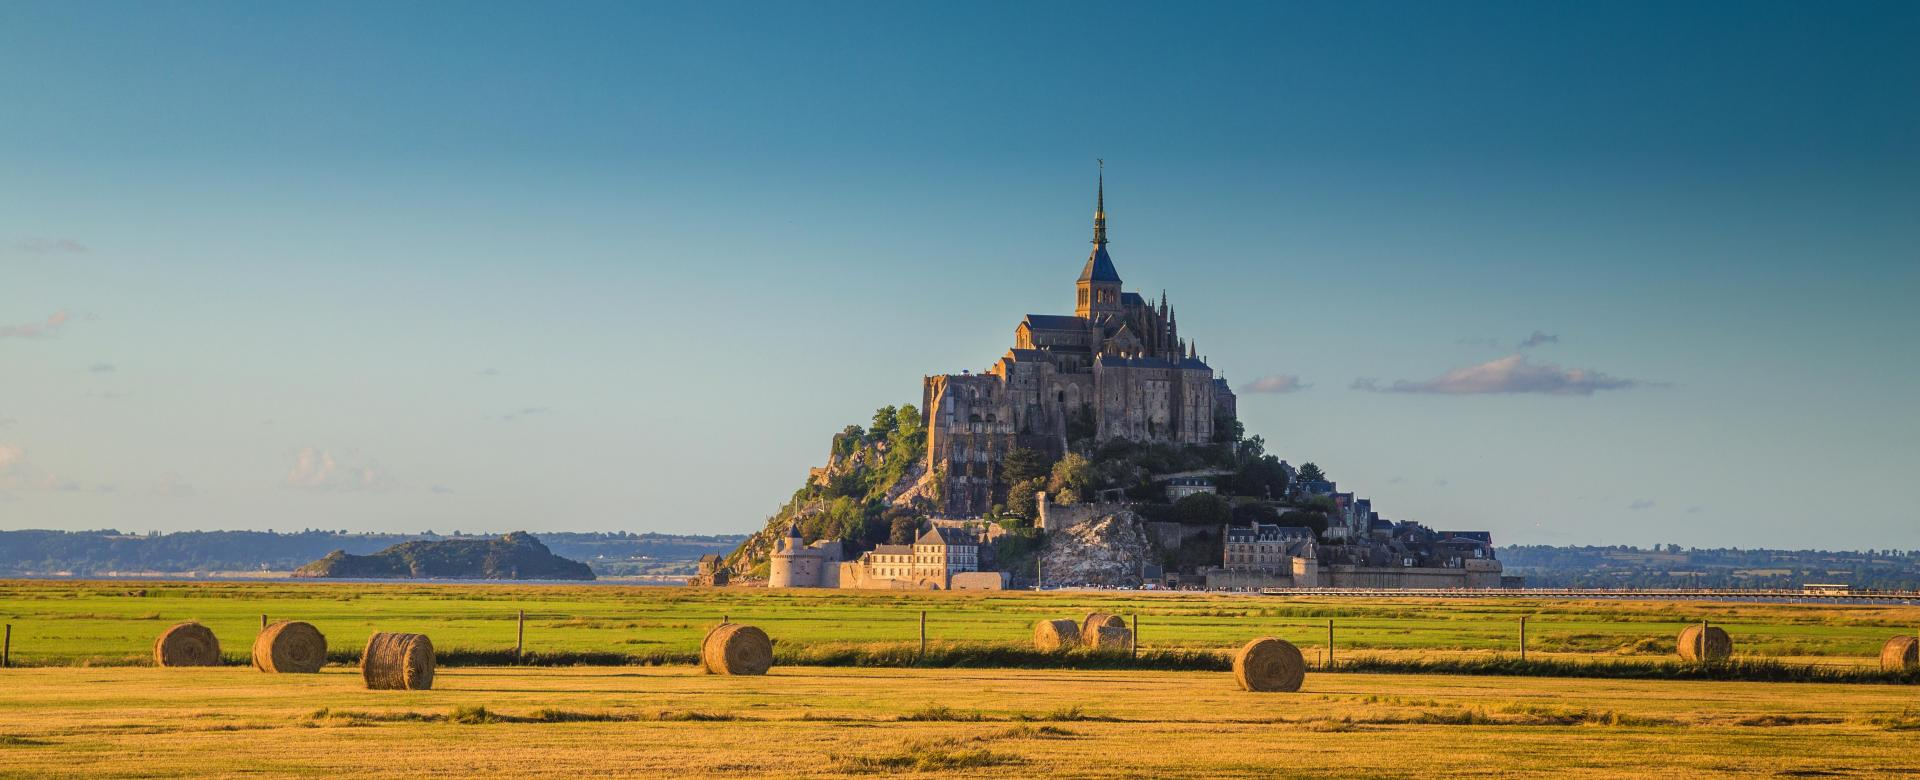 Voyage en véhicule France : De saint-malo au mont-saint-michel à vélo